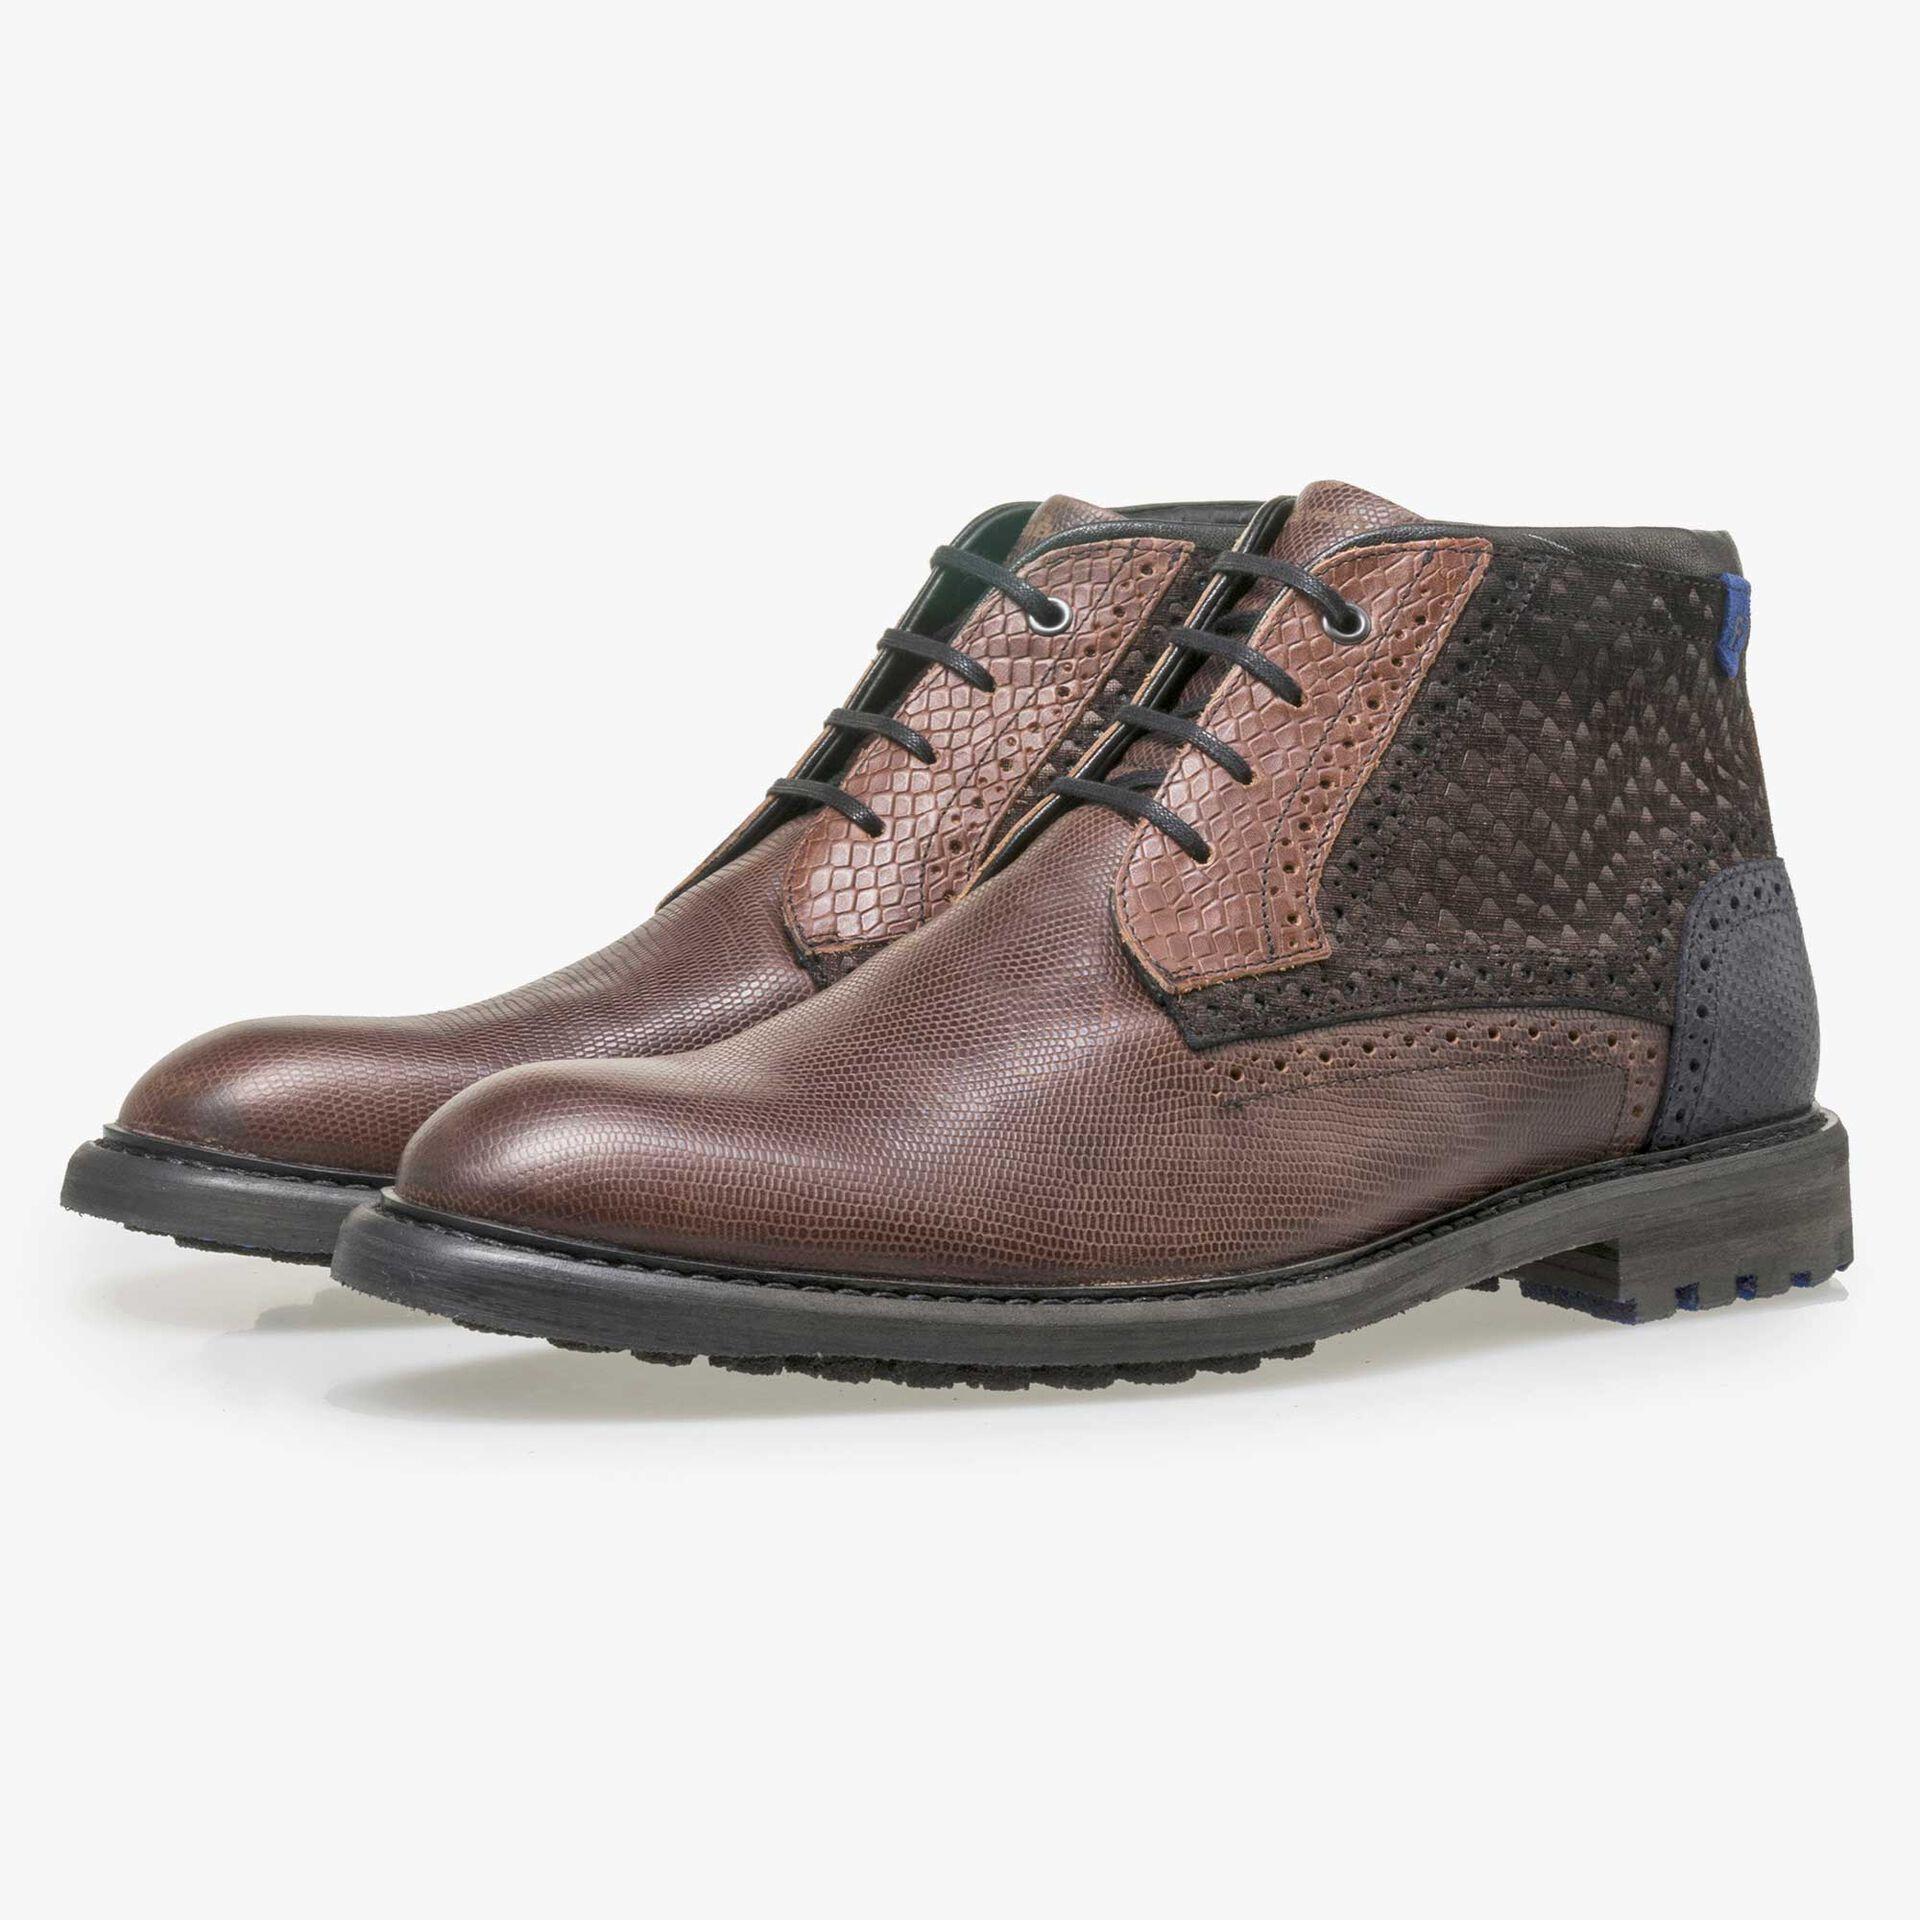 Floris van Bommel men's cognac-coloured leather lace boot with a snake print